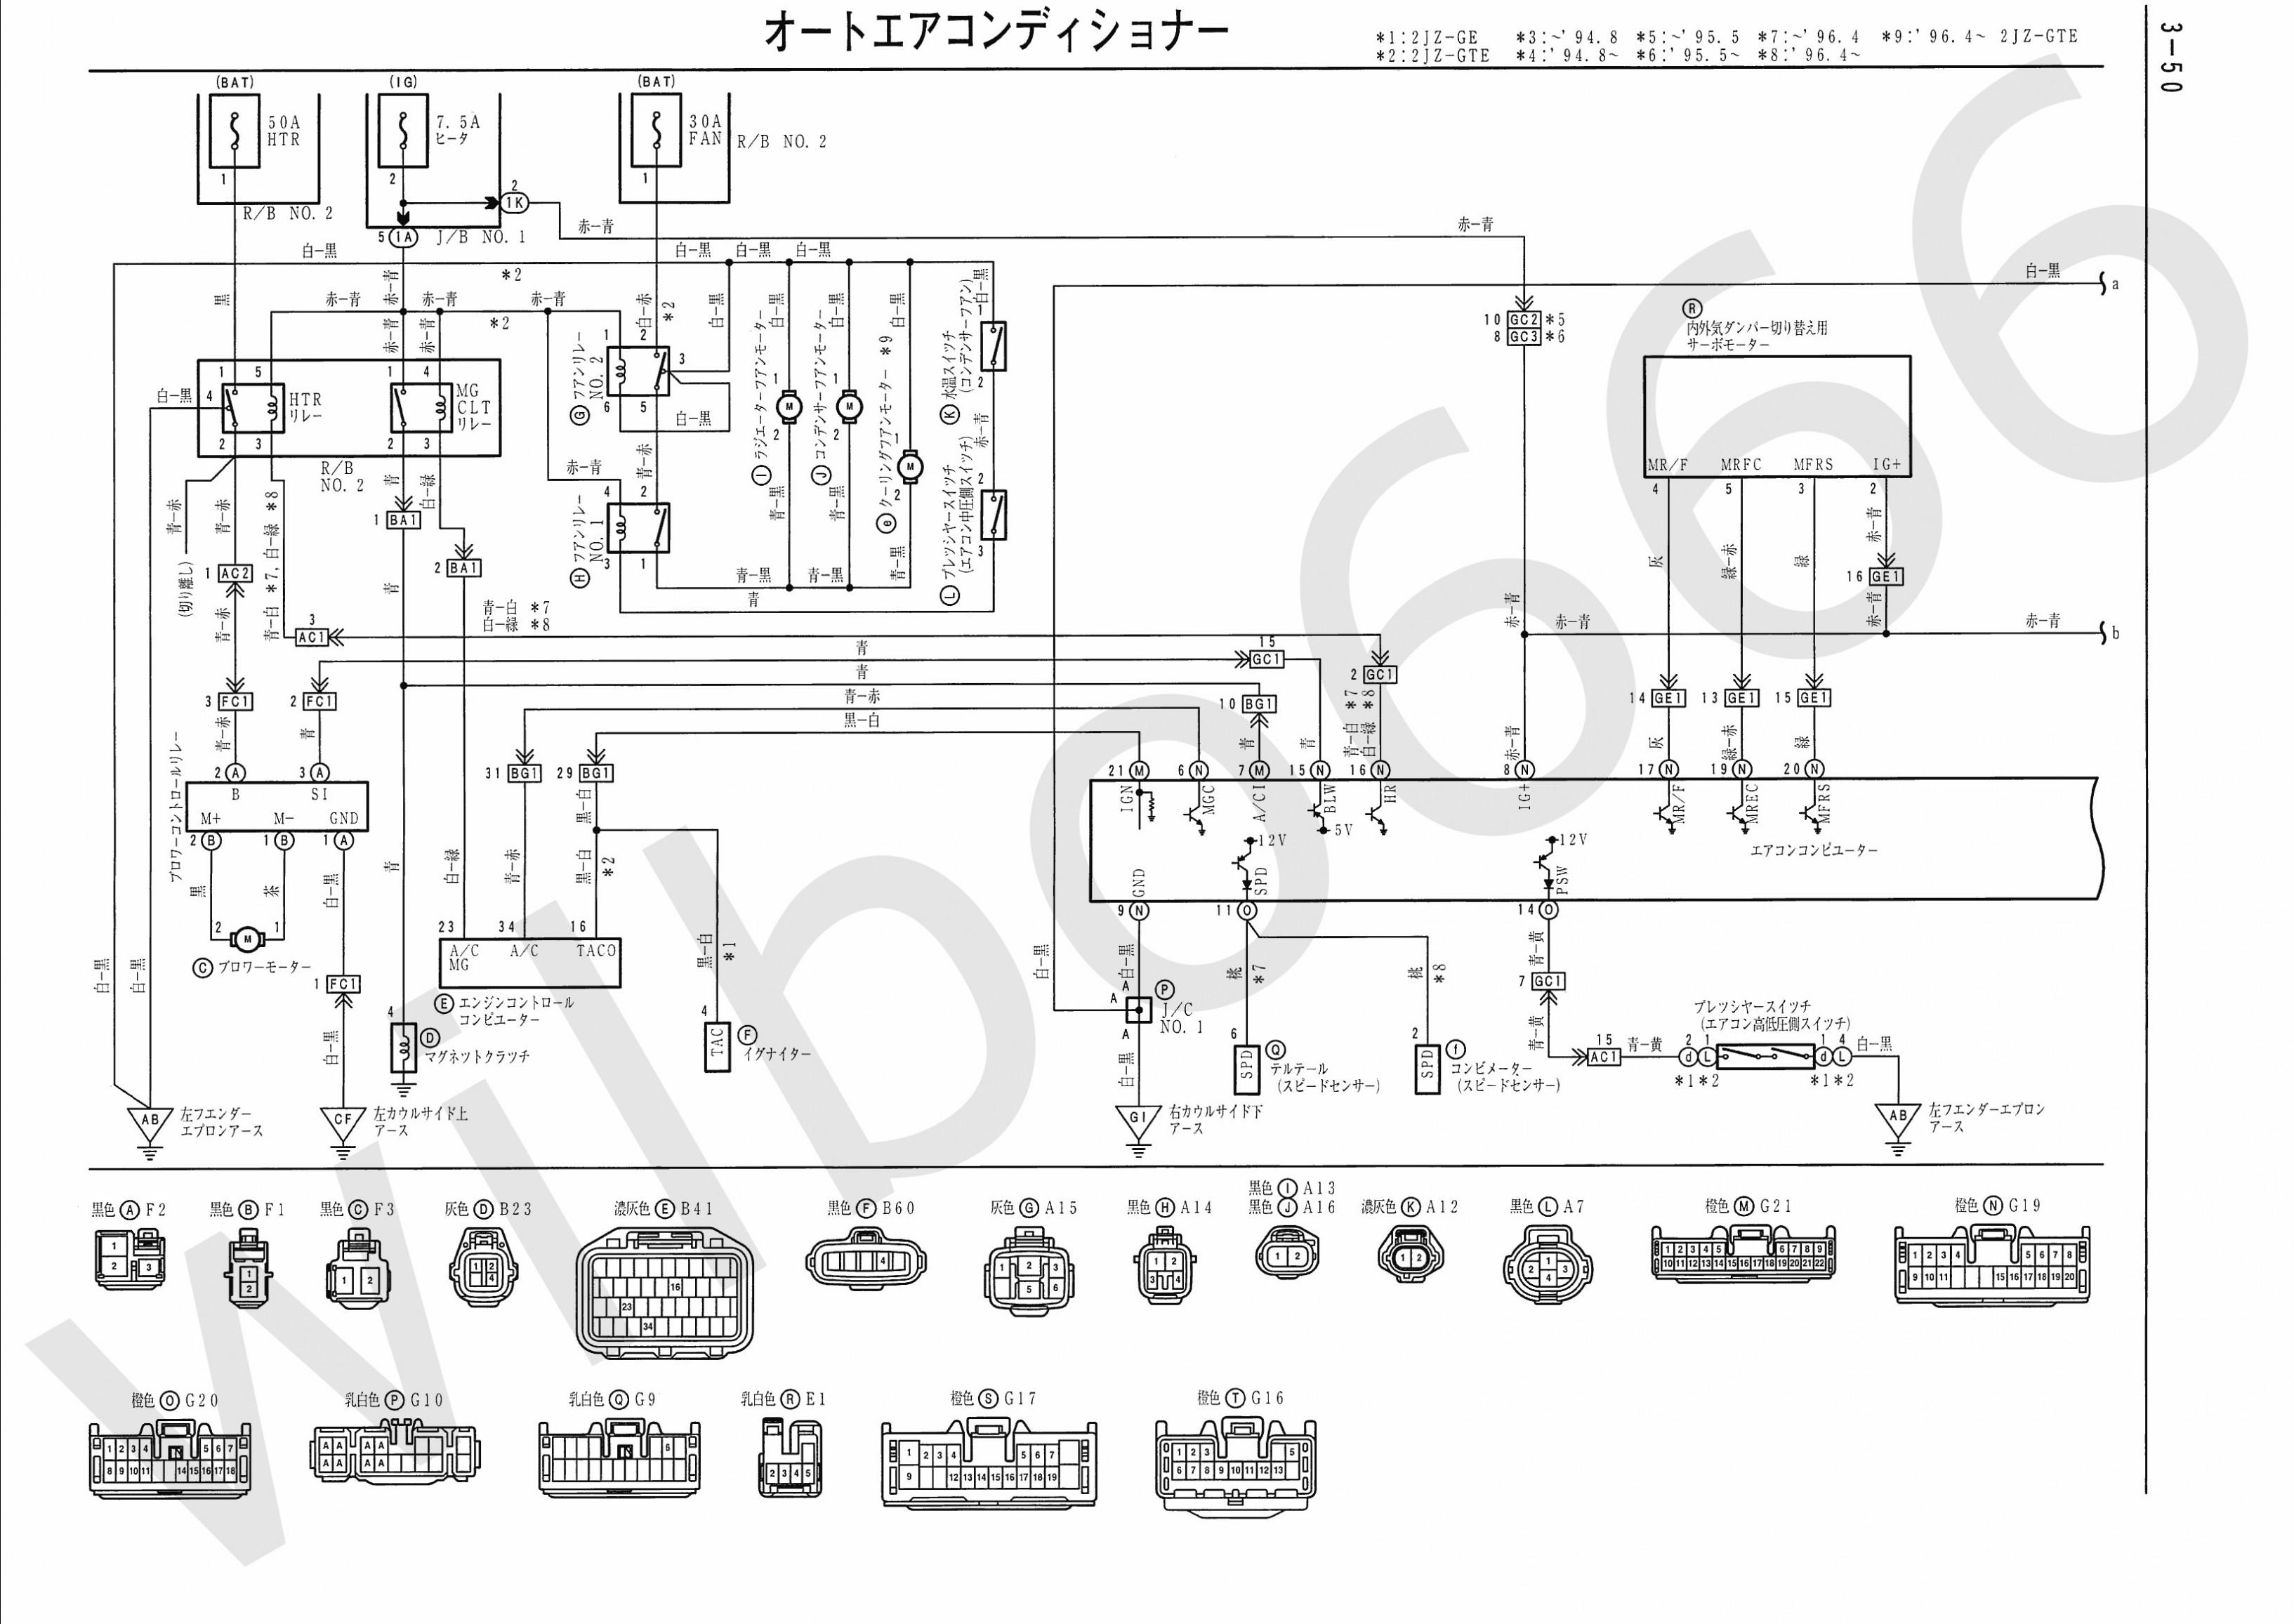 honda accord v6 engine diagram how to diagnose honda